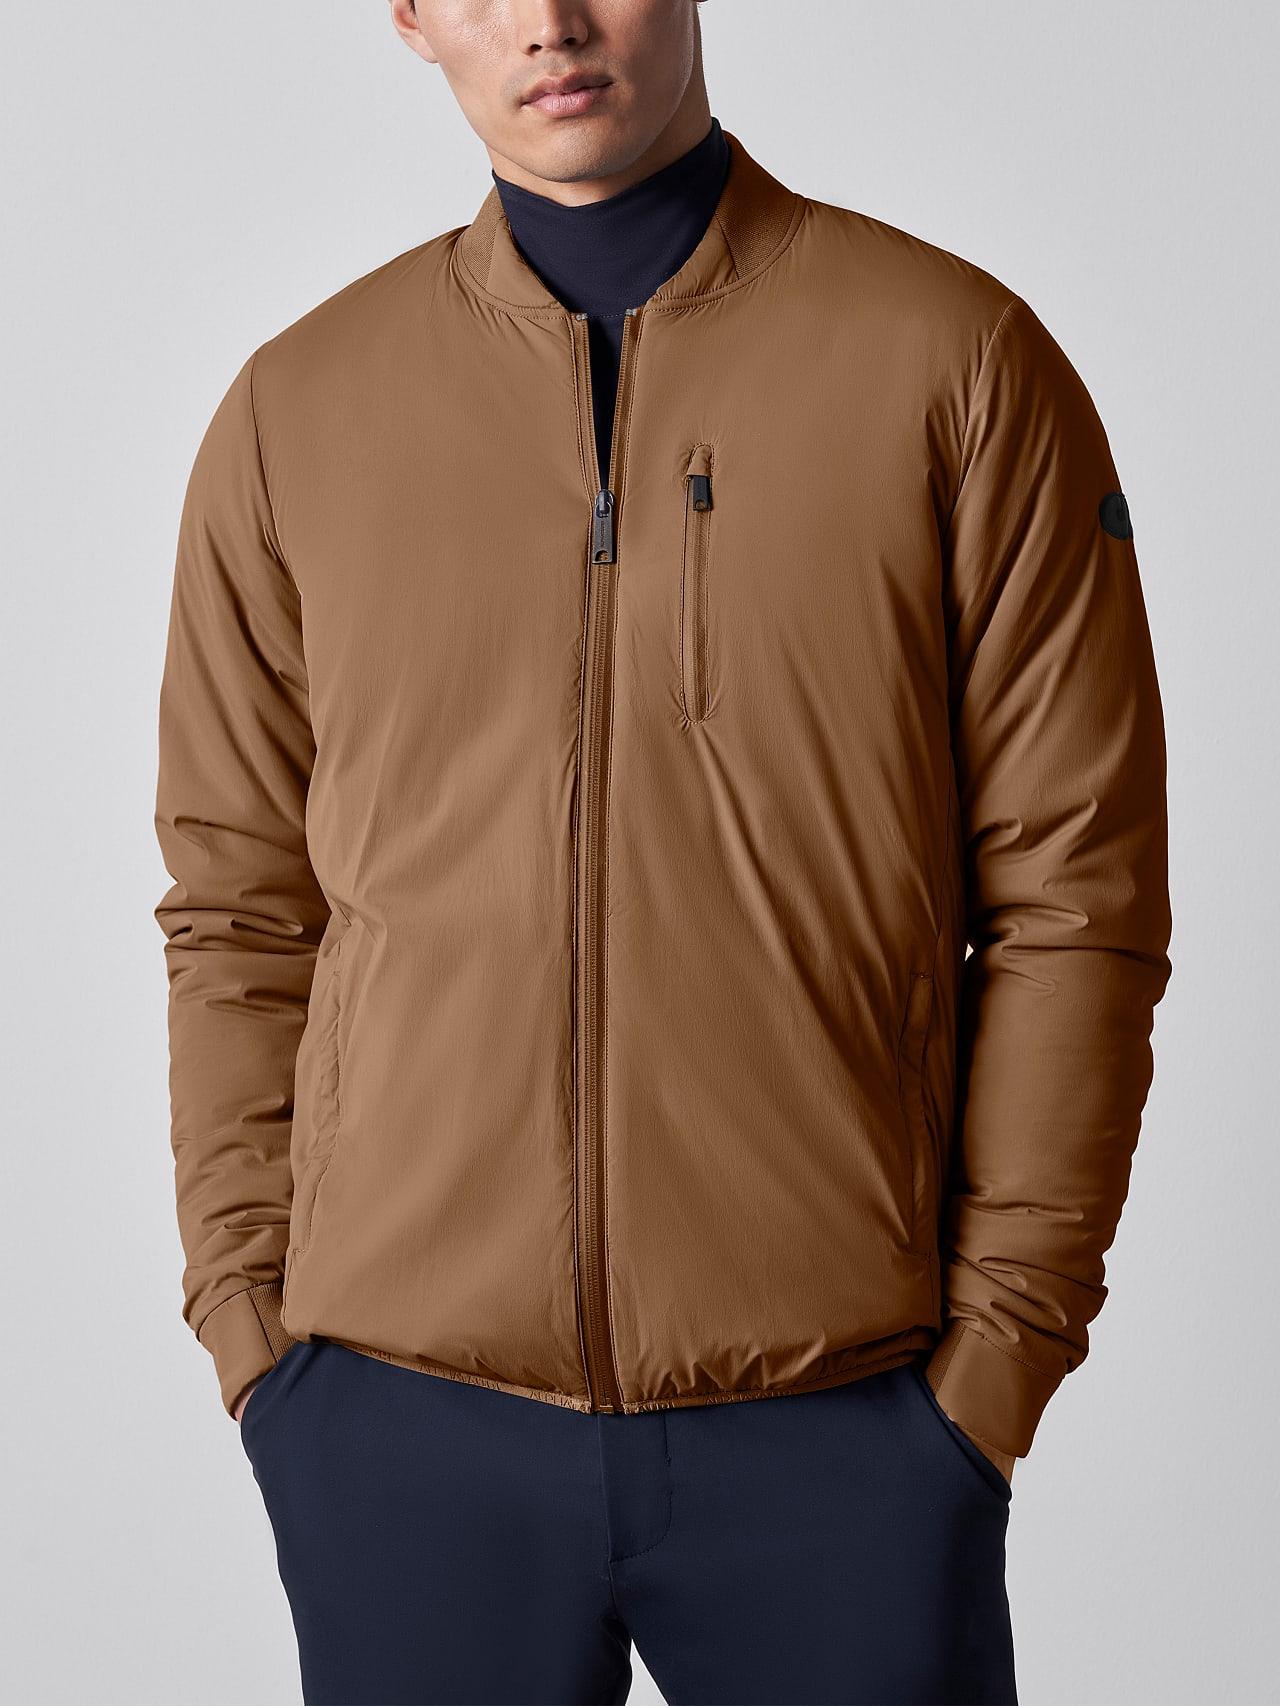 OPRIM V3.Y5.02 Padded PrimaLoft® Jacket gold Model shot Alpha Tauri